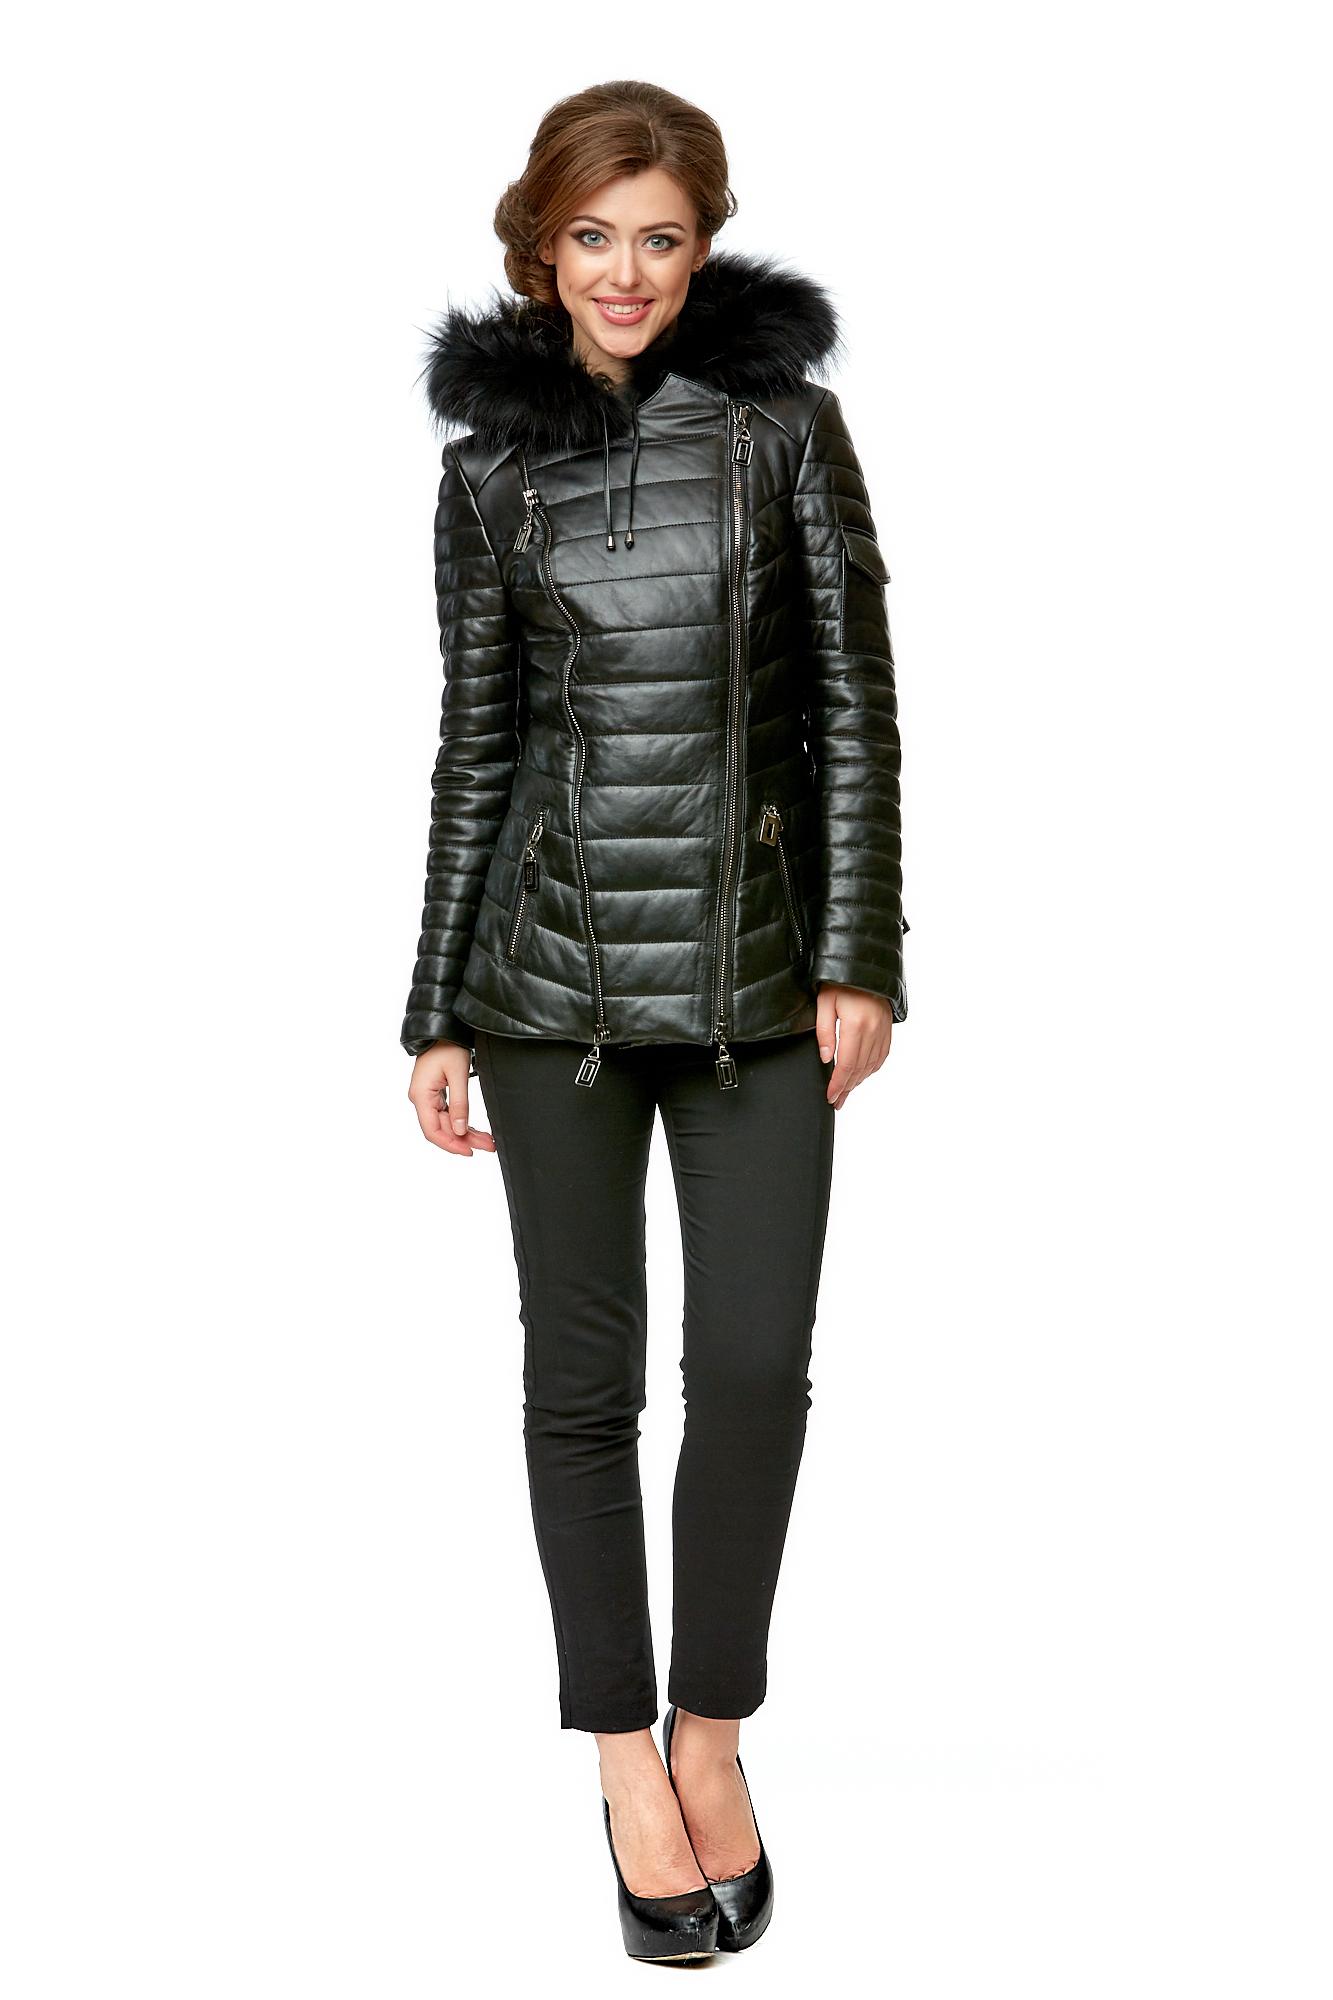 Купить Женская кожаная куртка из натуральной кожи, МОСМЕХА, черный, Кожа натуральная, 8002025